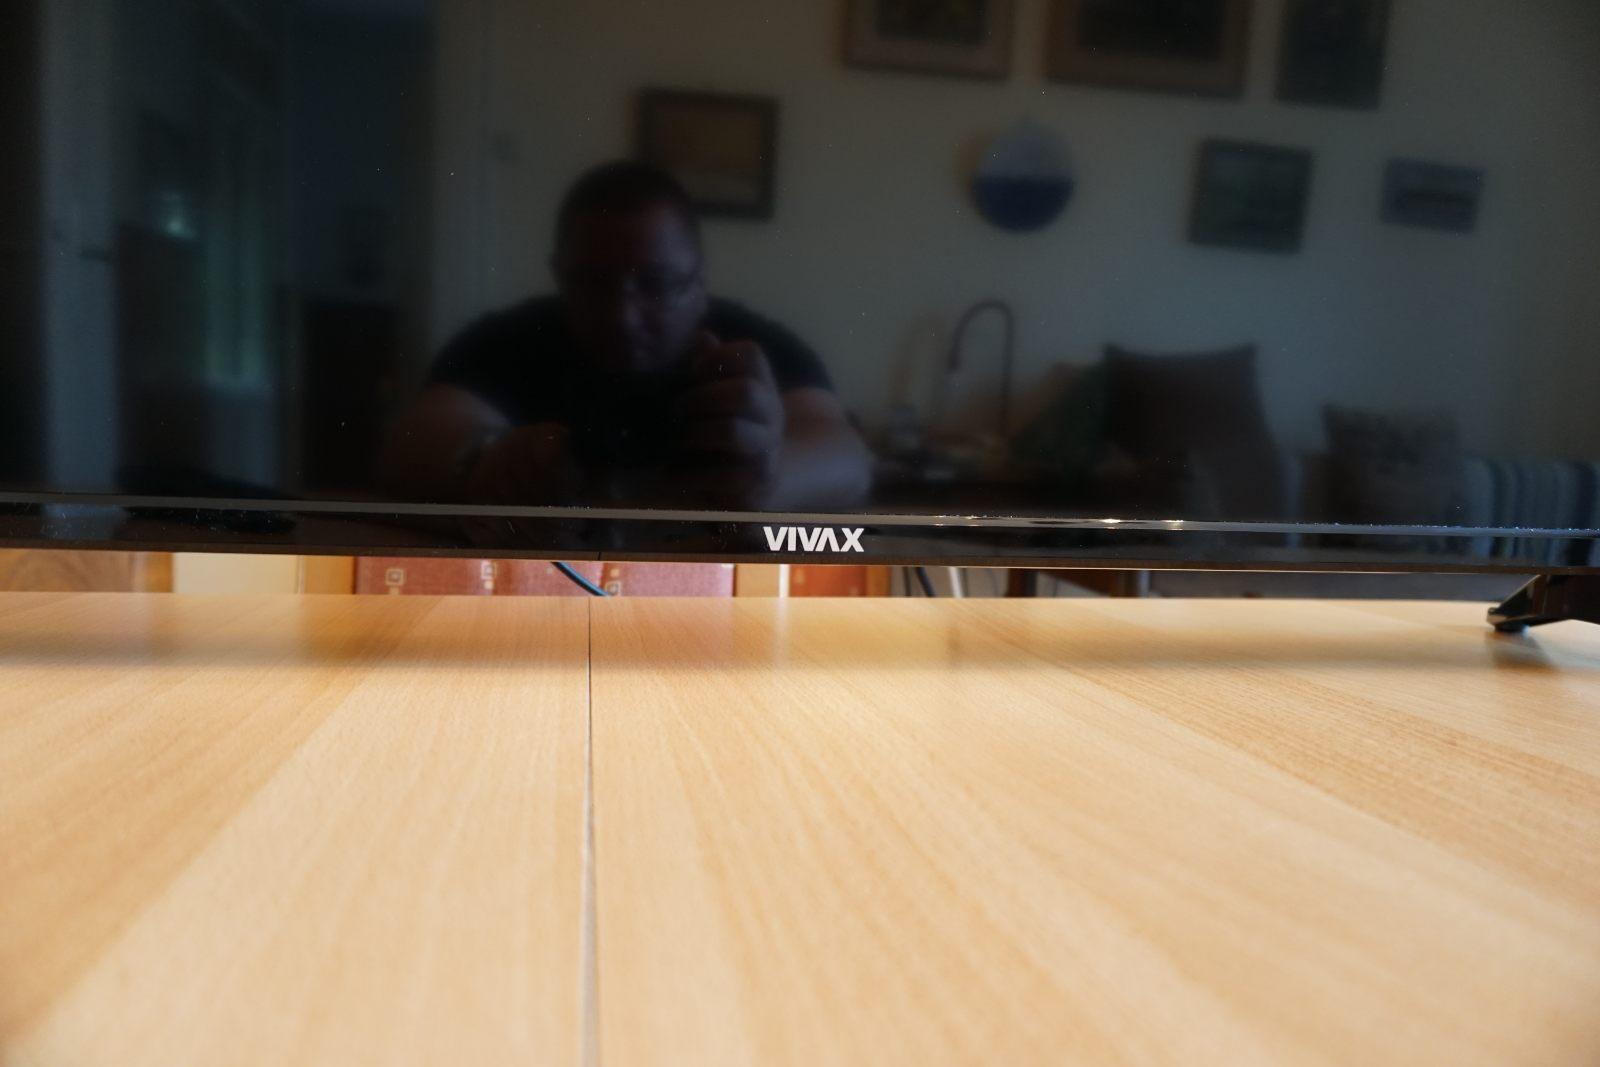 Vivax TV 40LE77SM 27